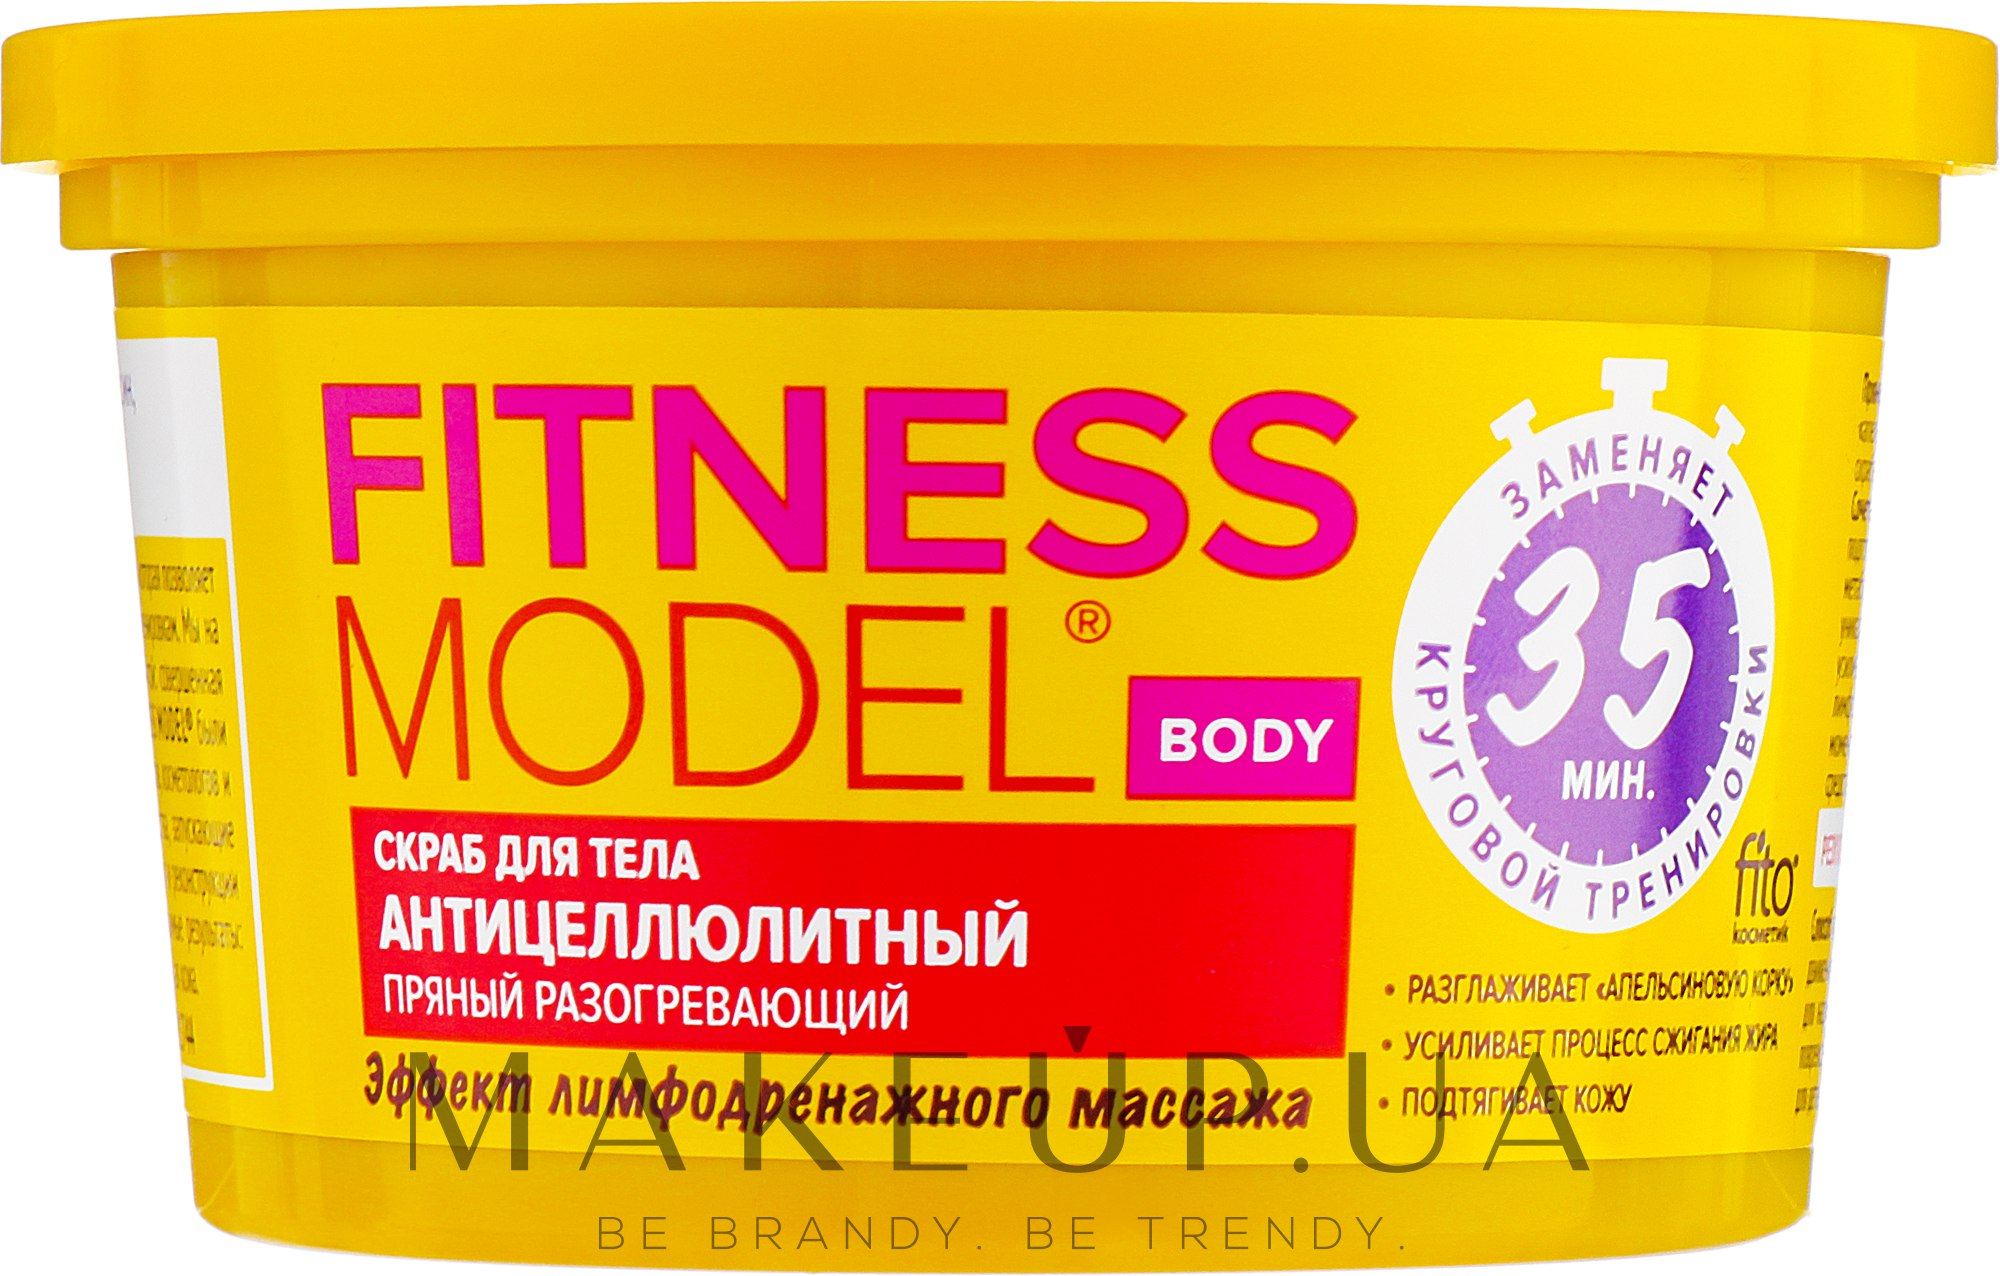 Скраб для тела антицеллюлитный, пряный, разогревающий - Fito Косметик Fitness Model — фото 250ml